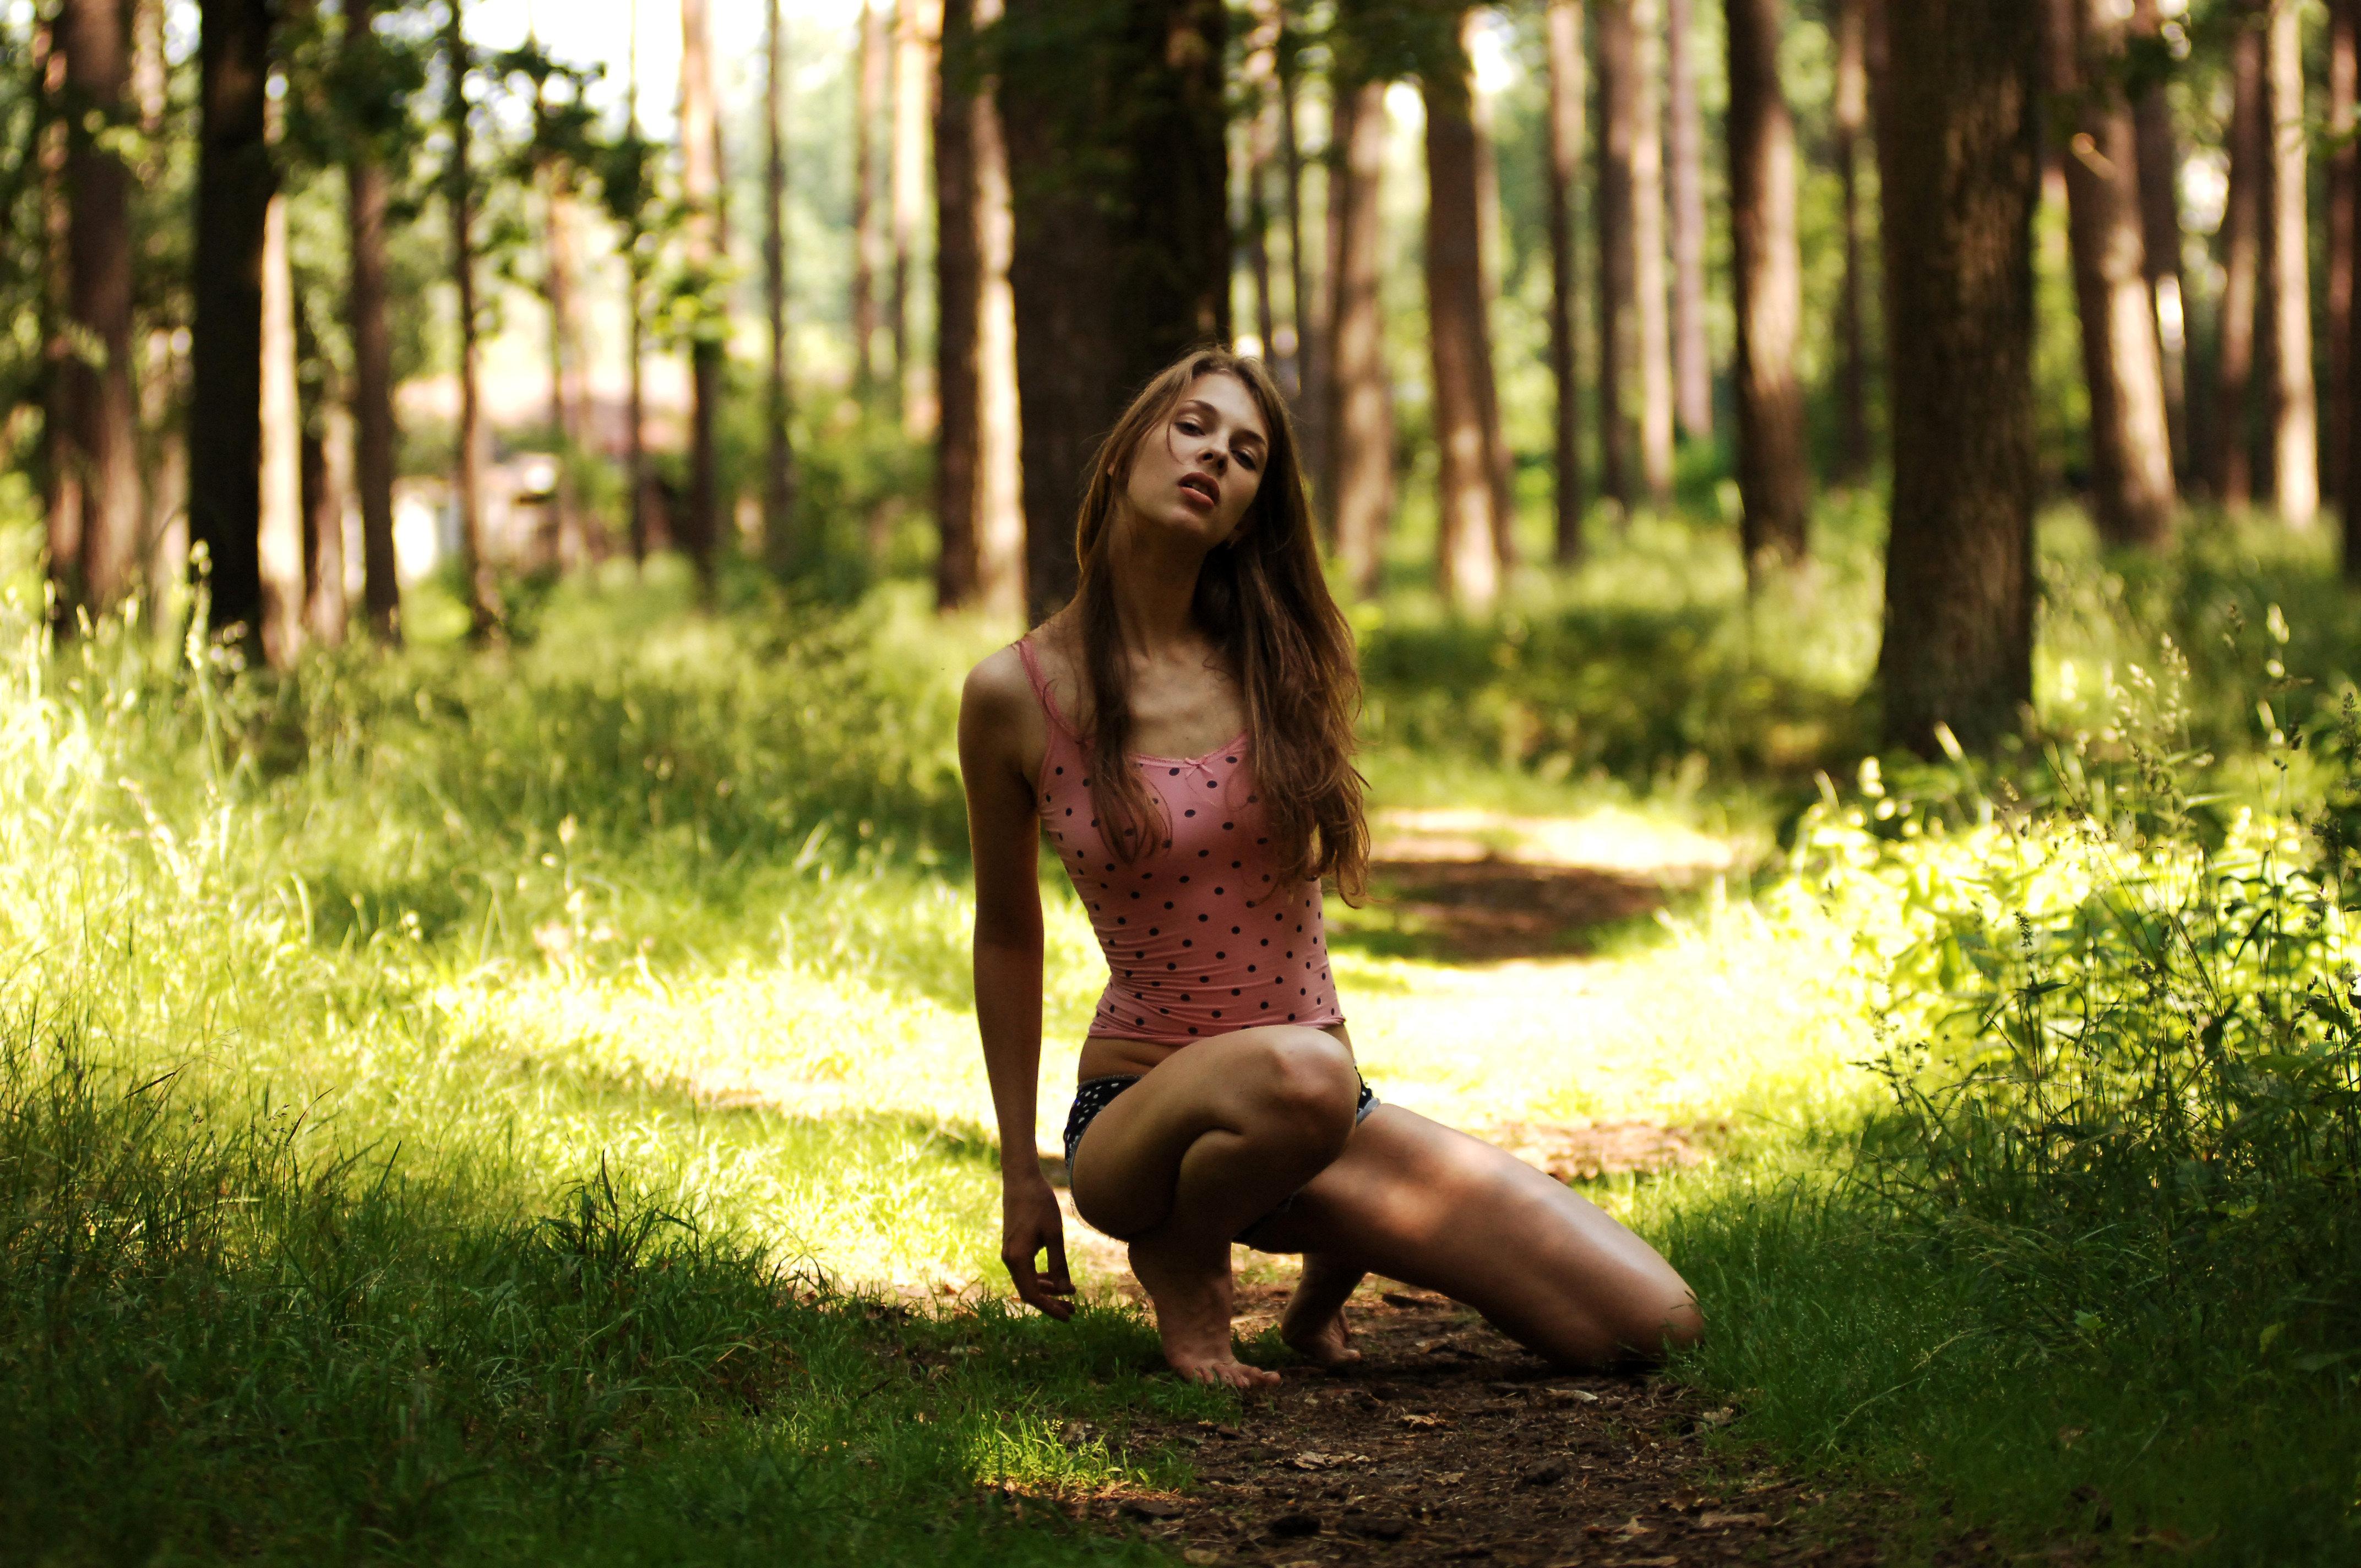 Секс на леса русские, Порно в лесу, секс на природе смотреть онлайн 6 фотография